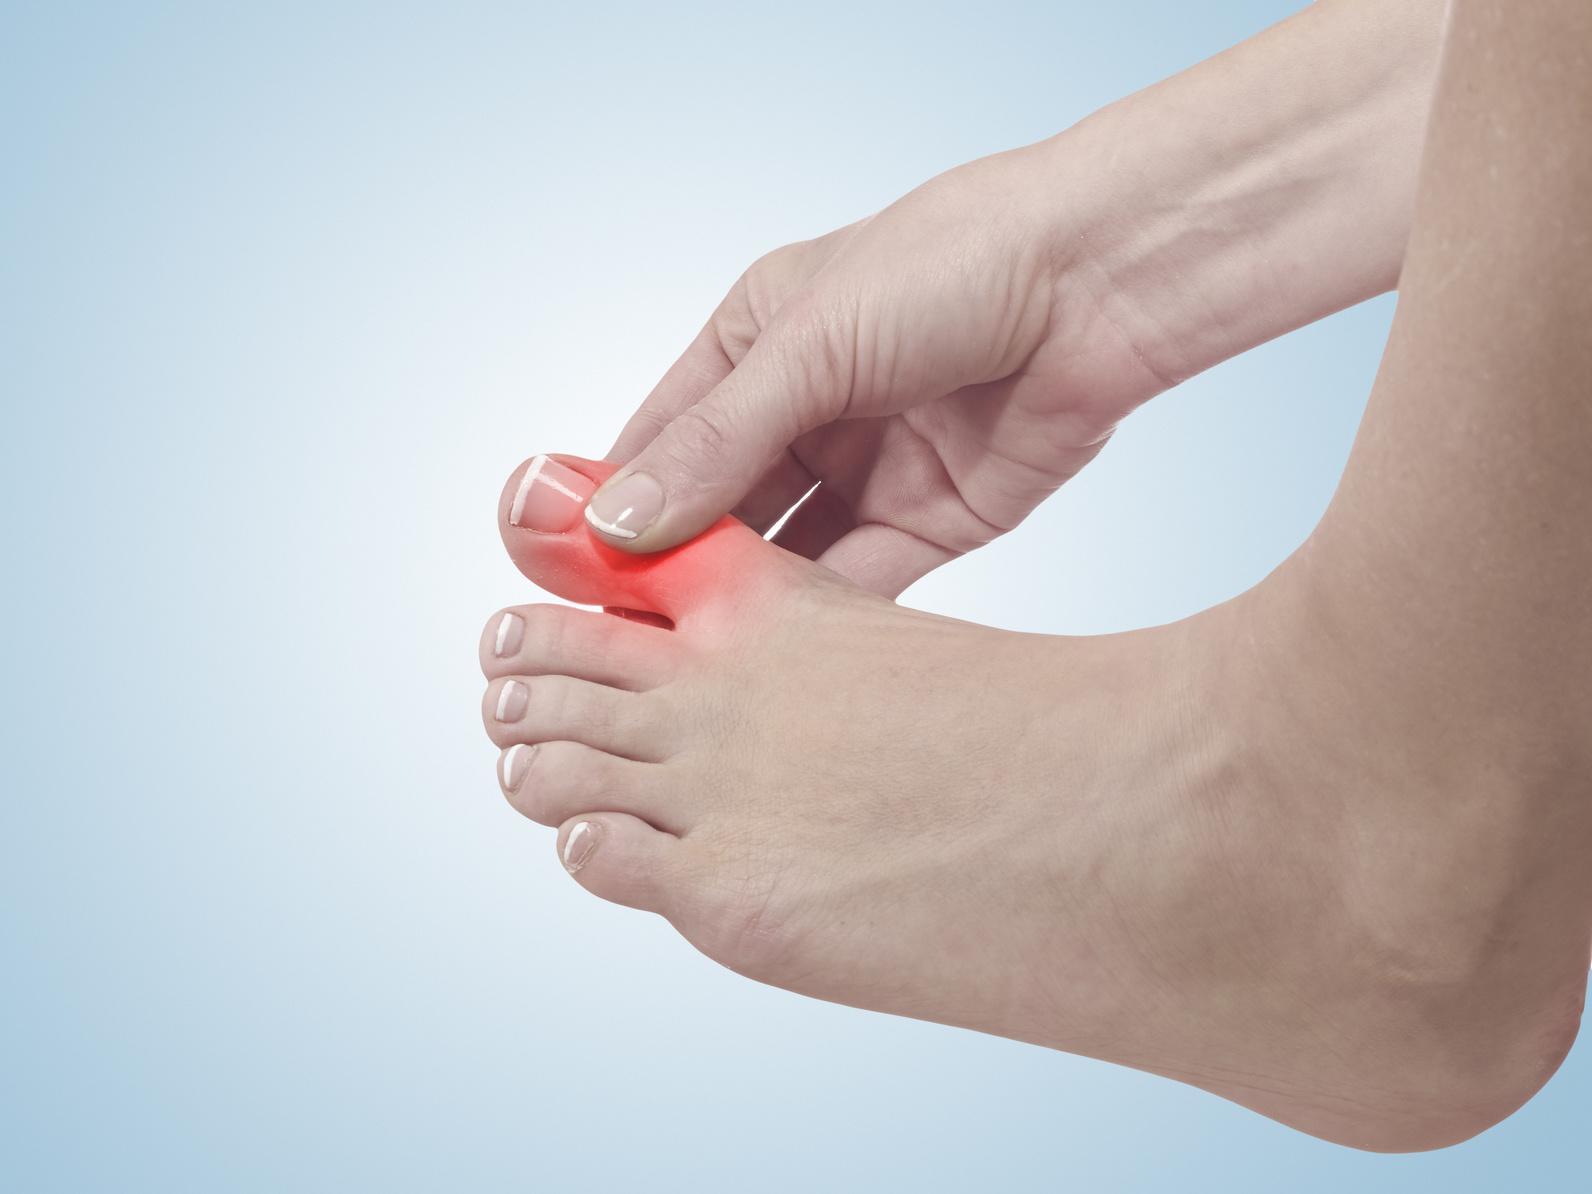 упражнения для укрепления коленного сустава после операции